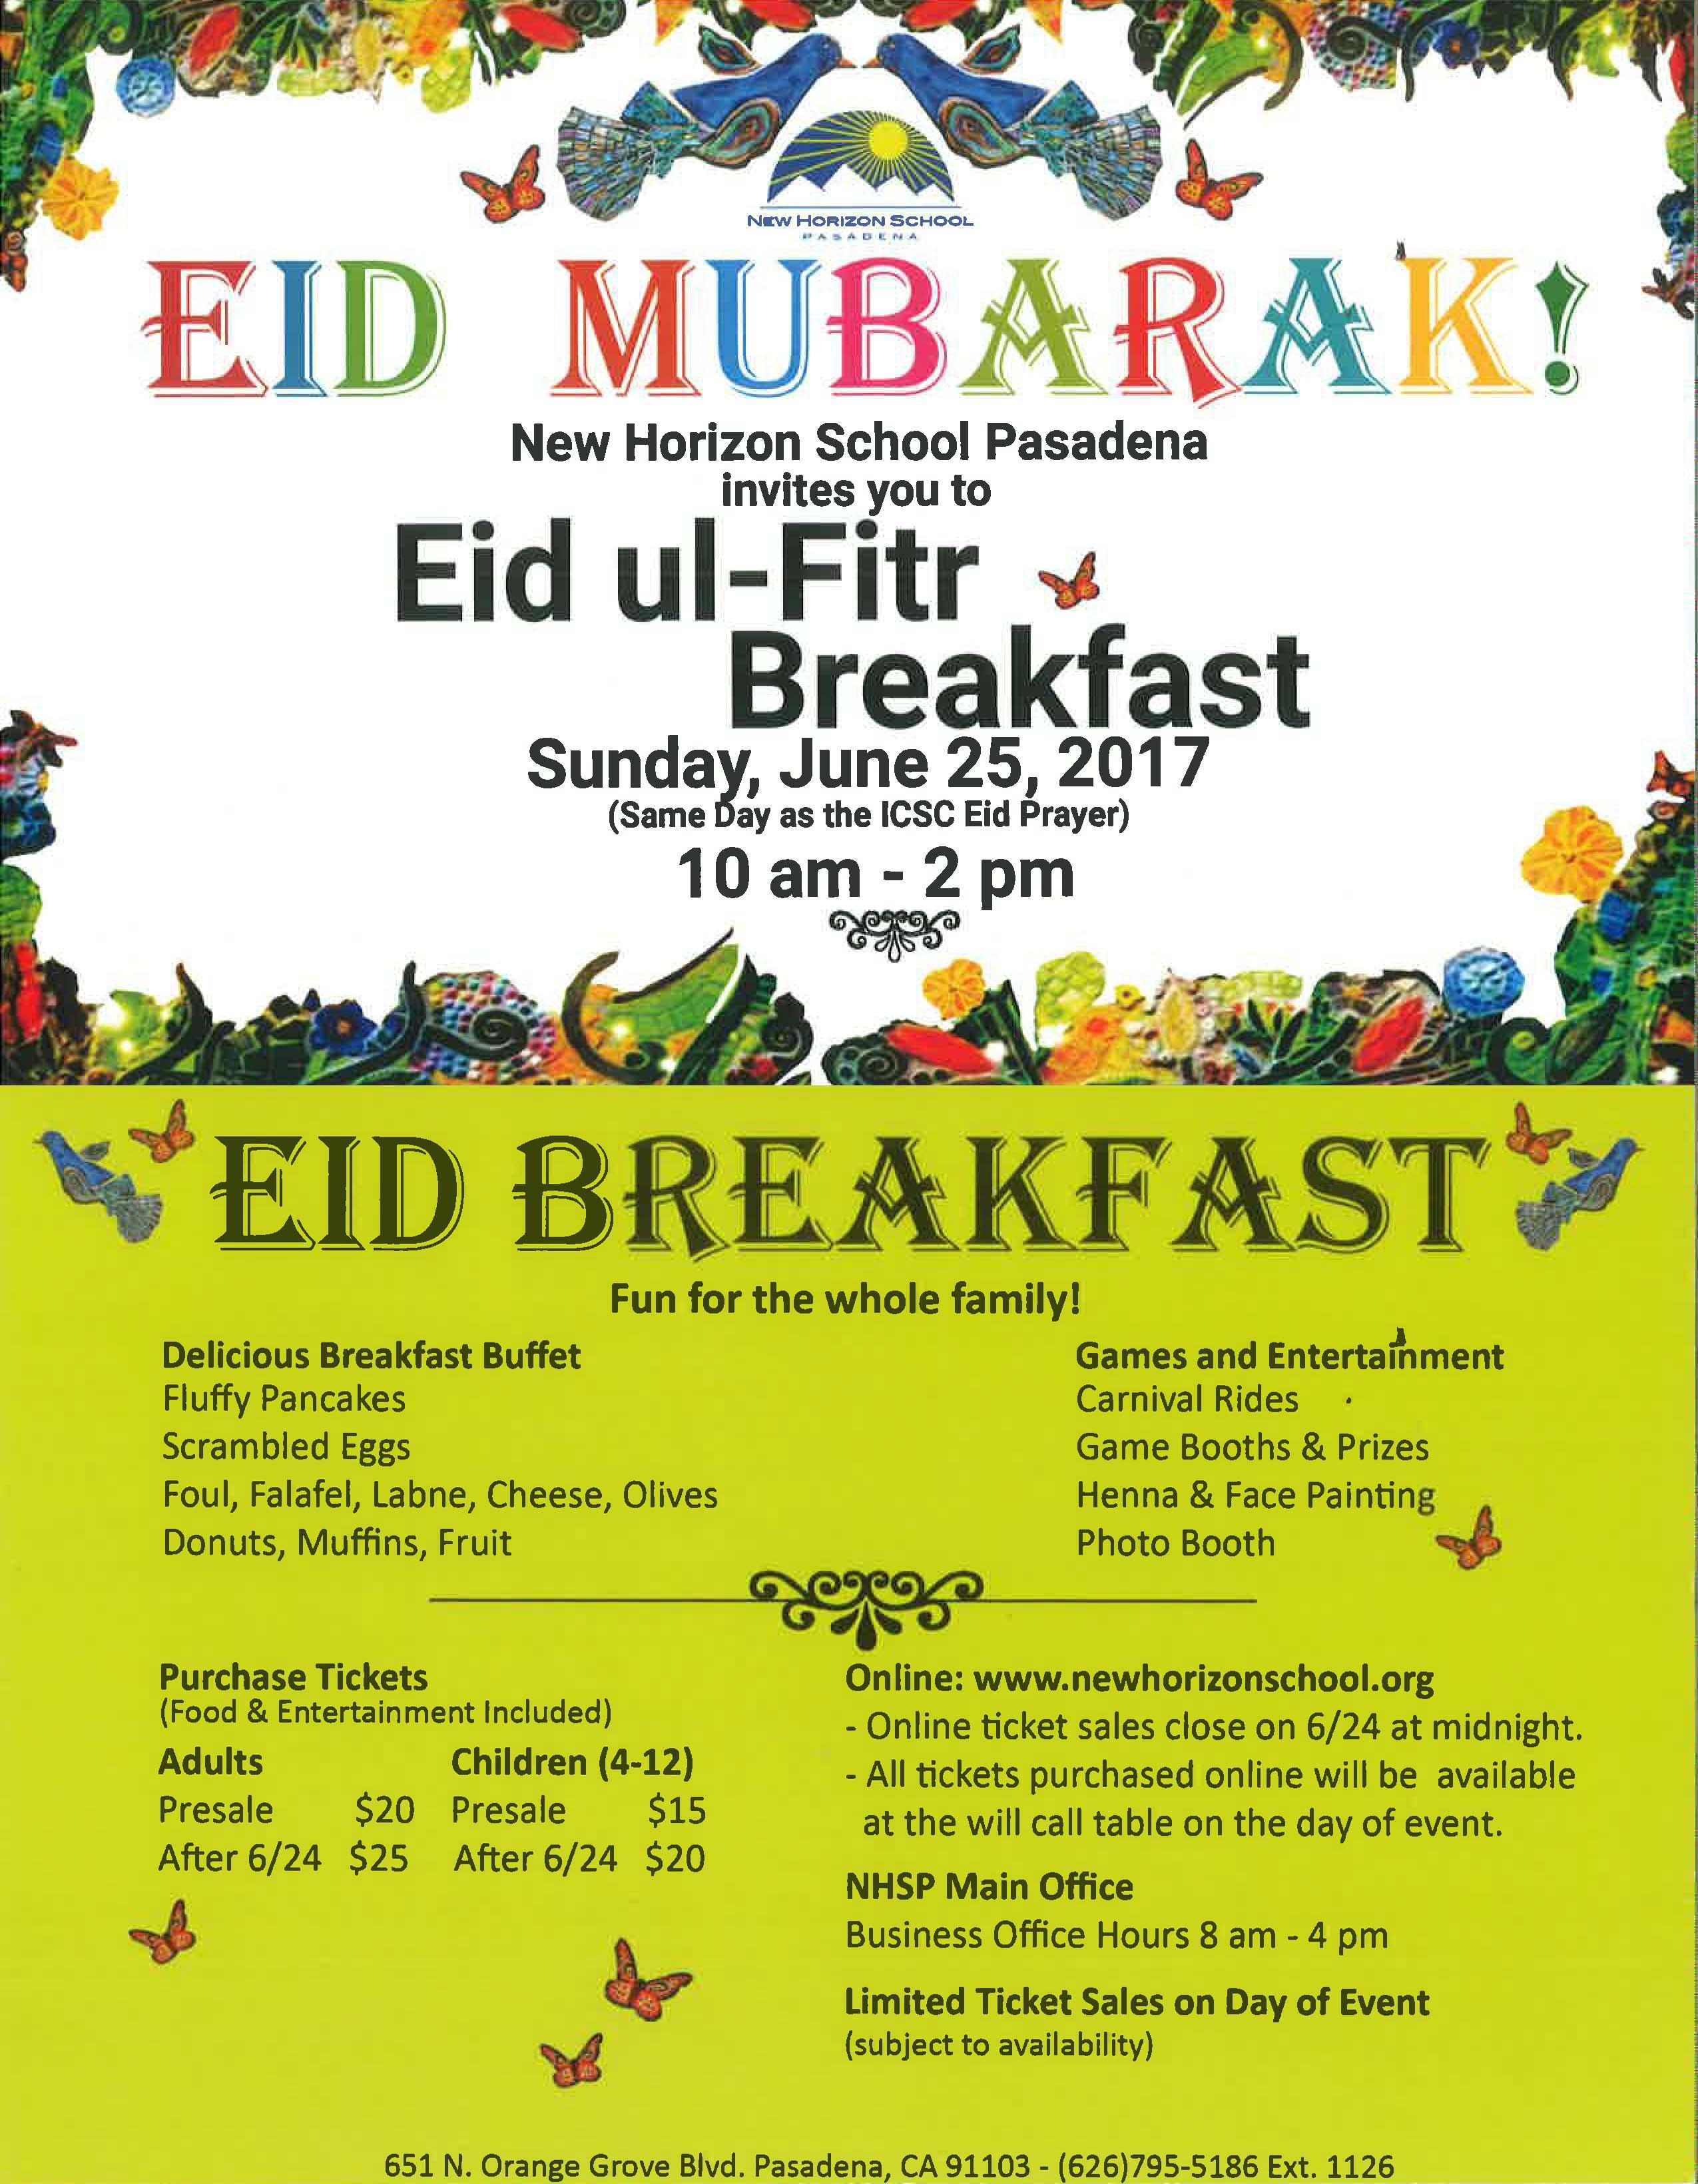 Best School Eid Al-Fitr 2018 - Eid-Flyer  Best Photo Reference_29653 .jpg?x99895